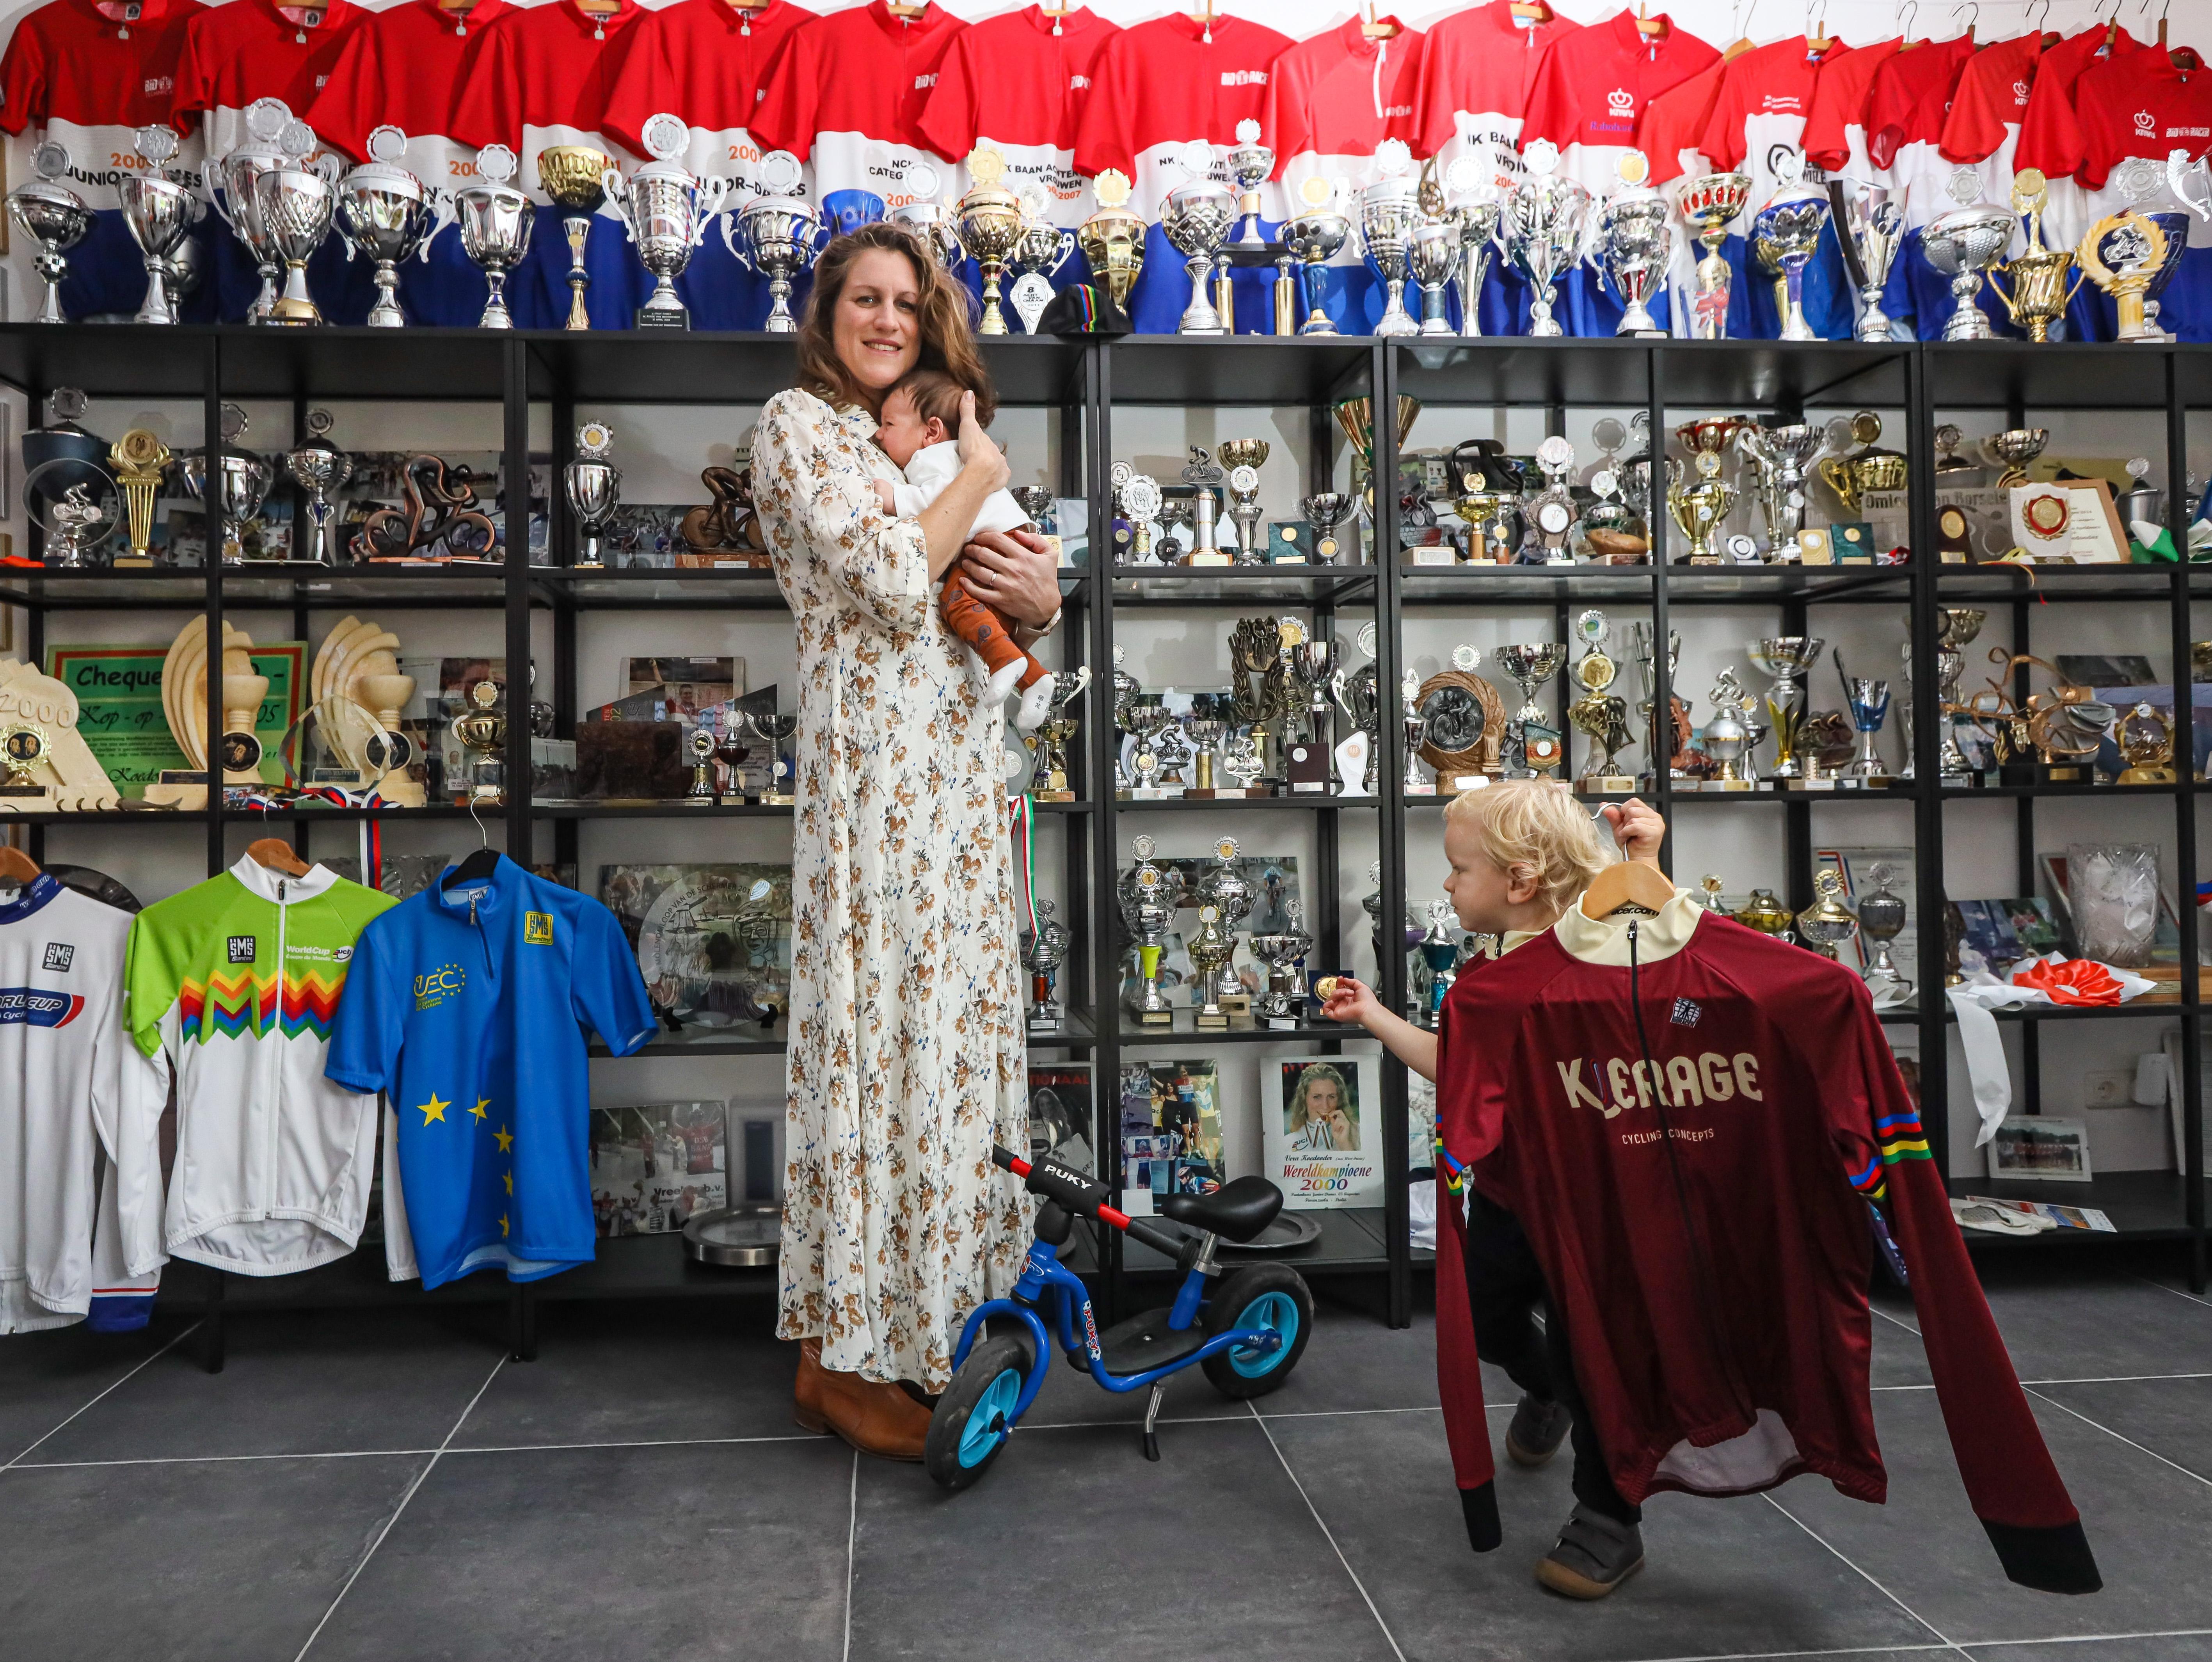 Voormalig wielrenster Vera Koedooder verkiest privégeluk als moeder boven zakelijke belangen als eigen baas: 'Als ik daardoor uit beeld raak in de wielrennerij? So be it'